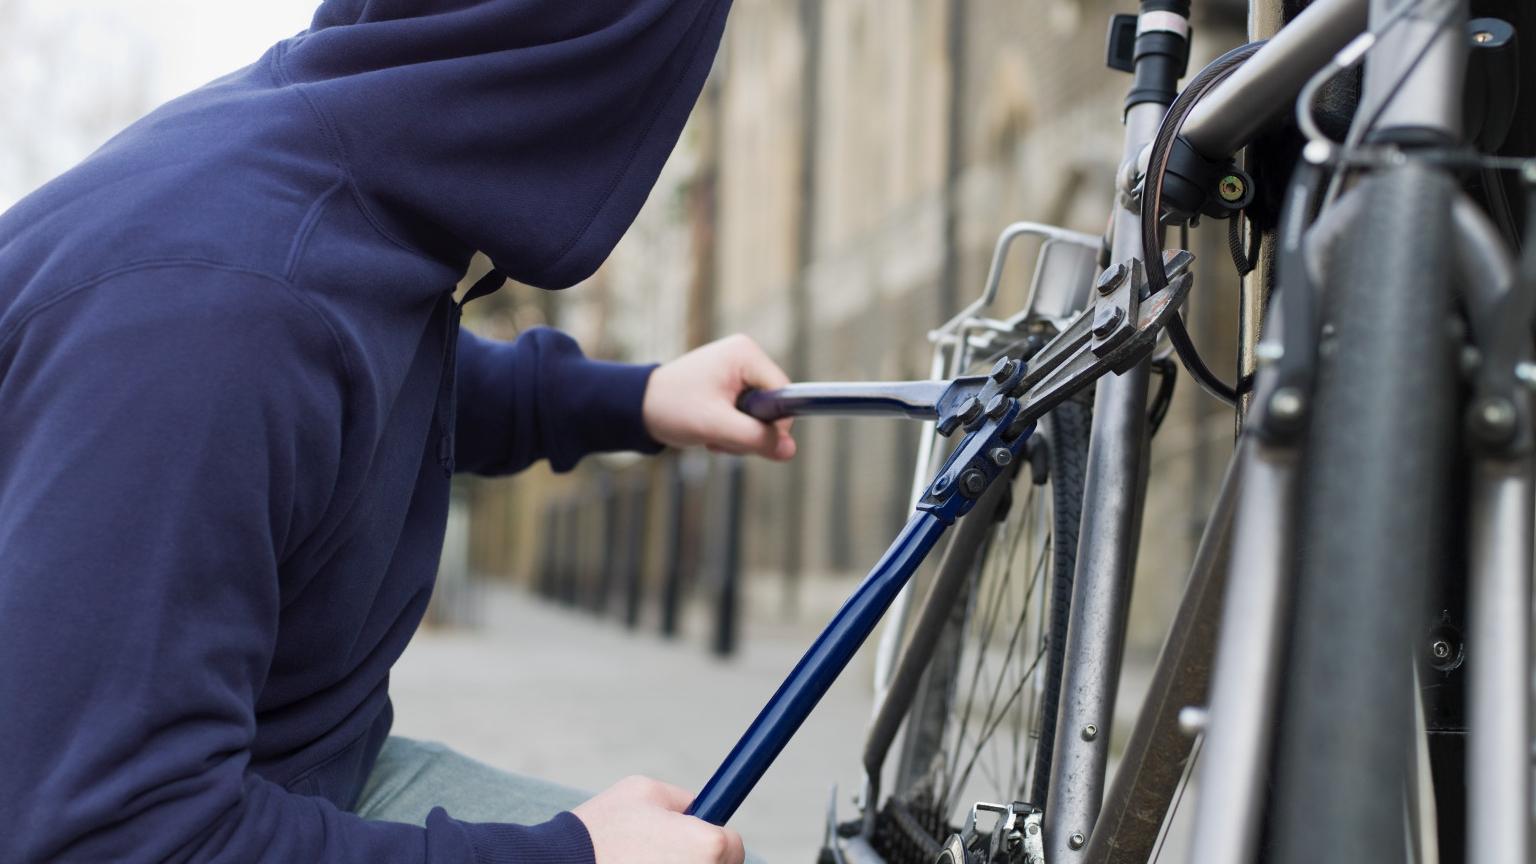 В Крыму двум местным жителям грозит тюремный срок за кражу велосипеда